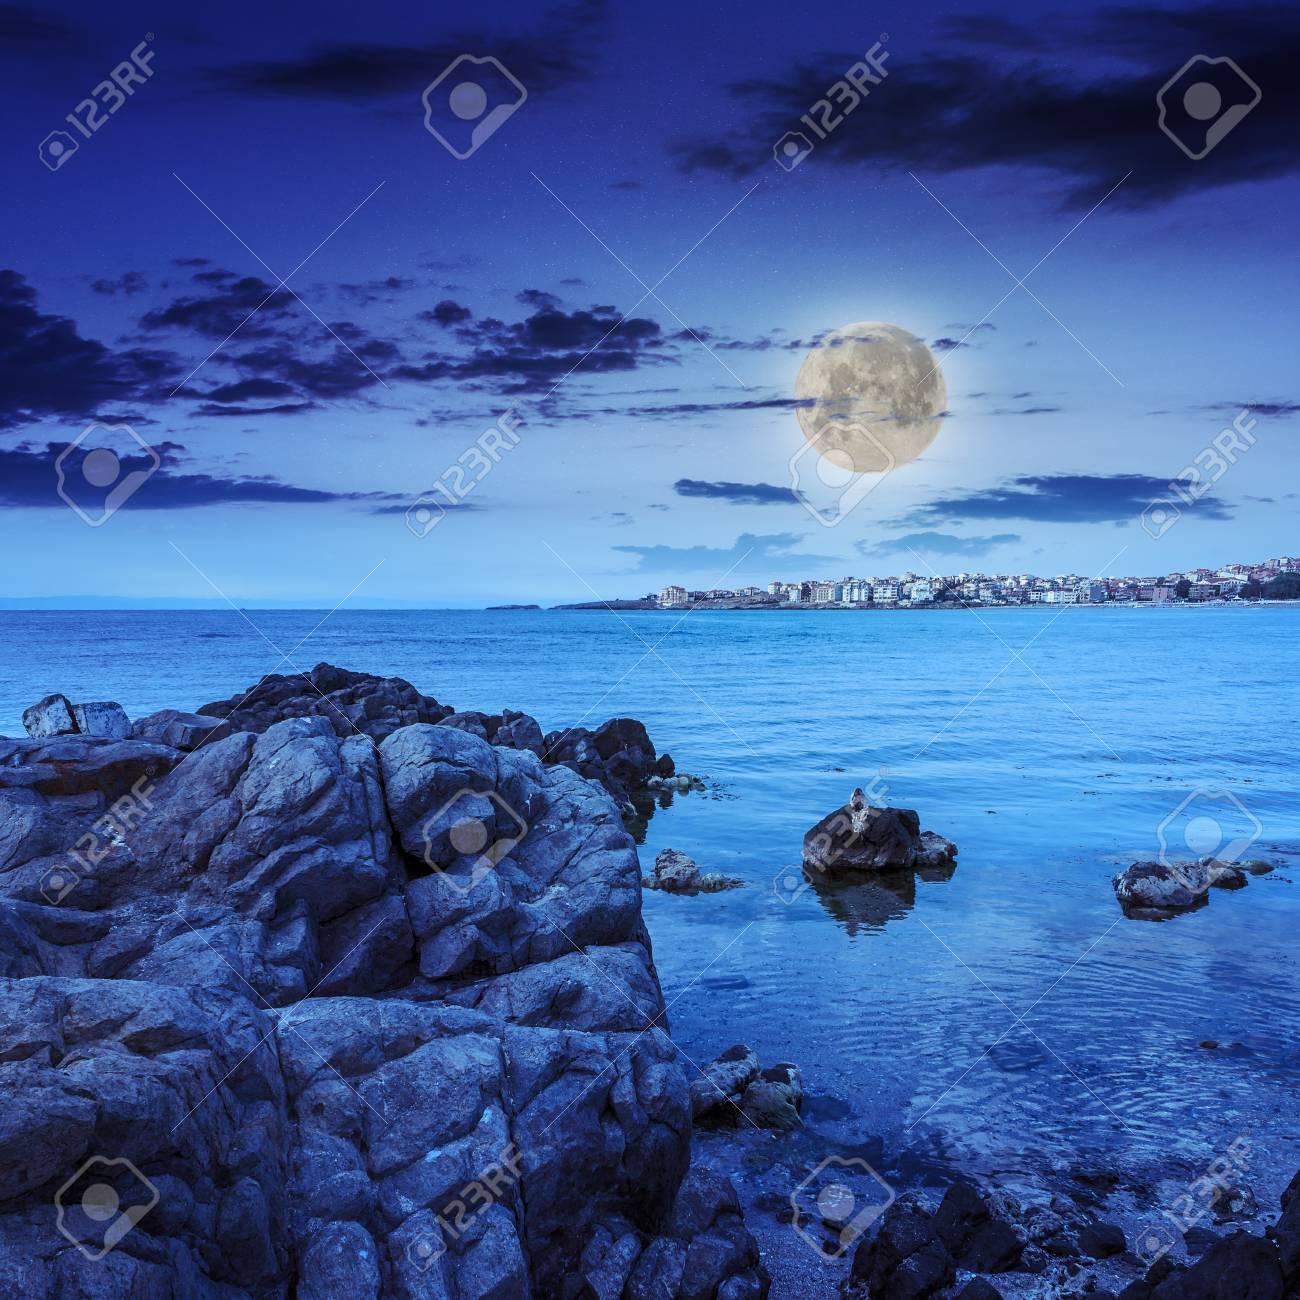 Luce Di Notte.Mare Costa Con Massi Nei Pressi Della Citta Liitle Di Notte In Luce Di Luna